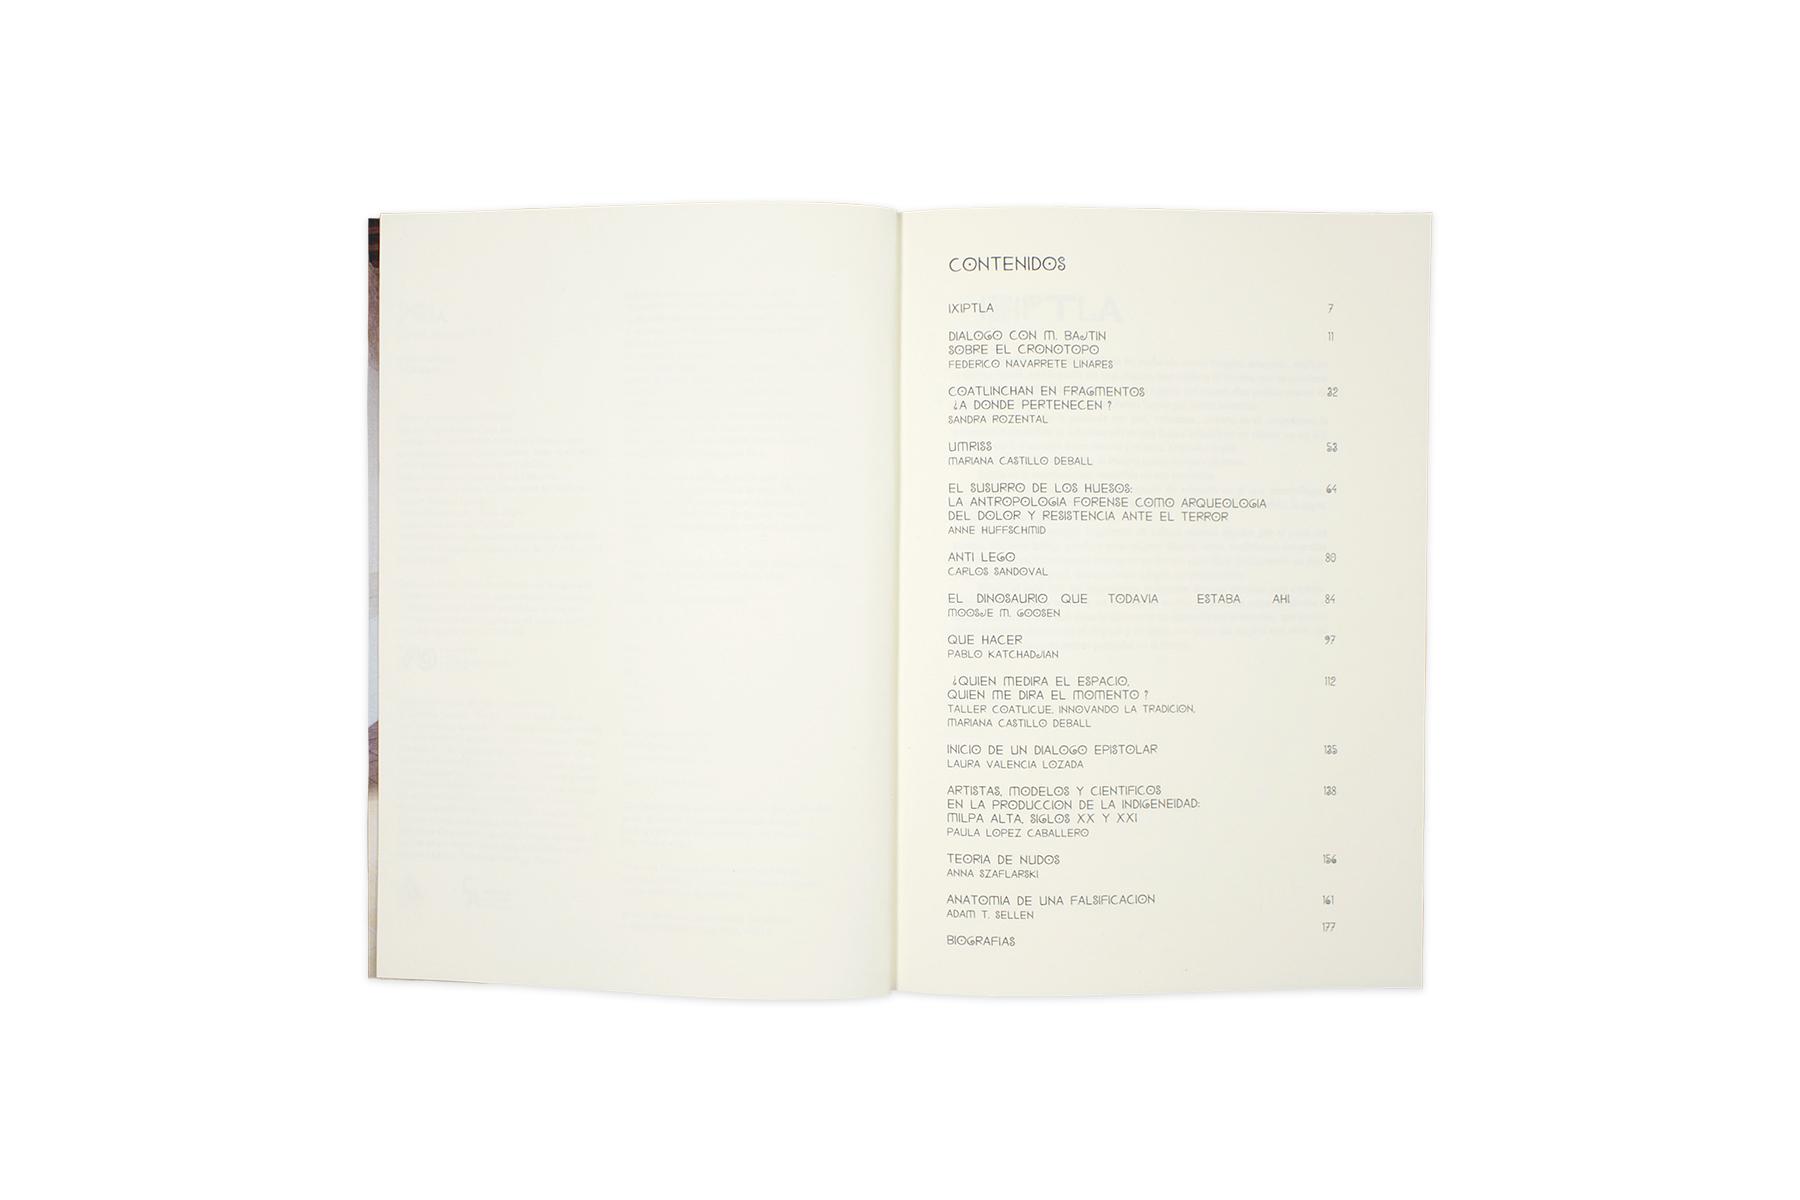 Product image of Ixiptla Volume III